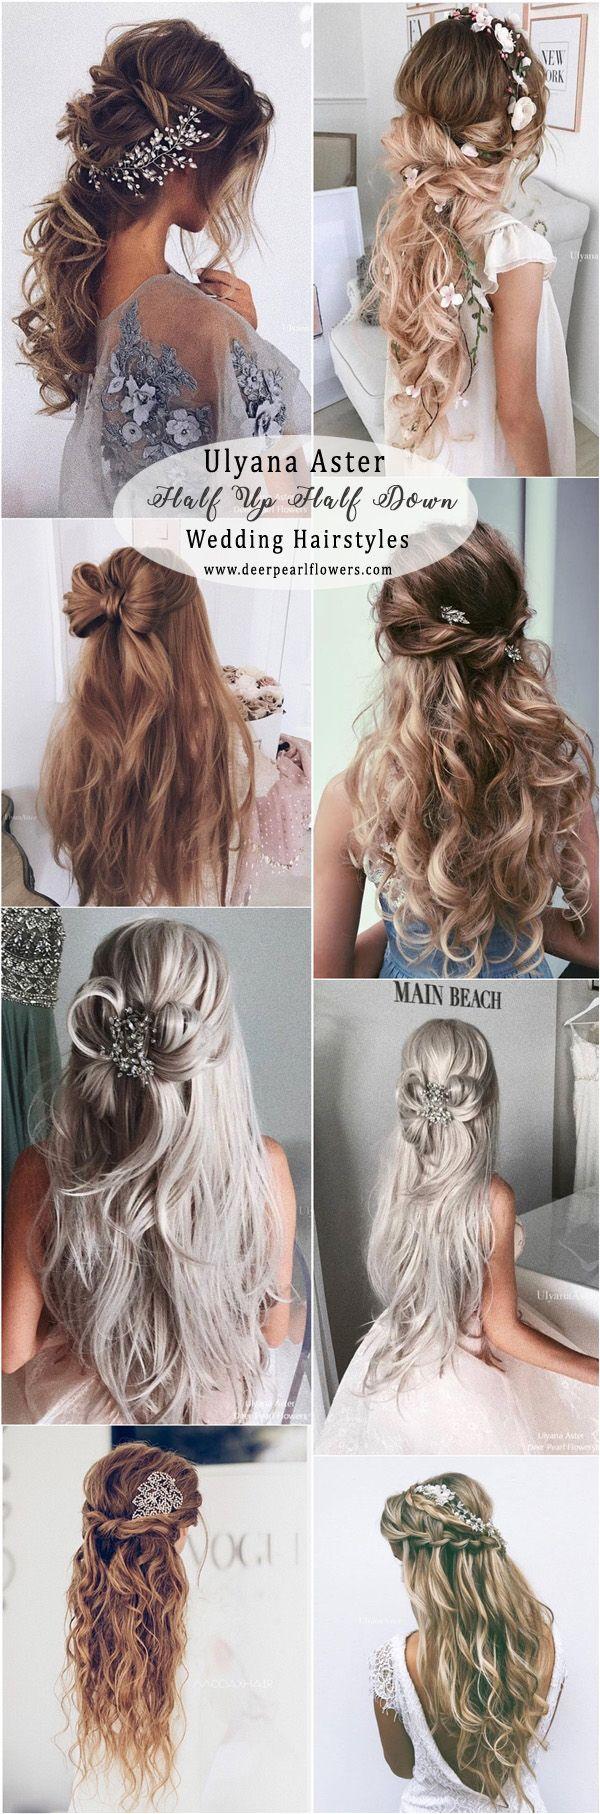 Best of ulyana aster wedding hairstyles wedding accessories